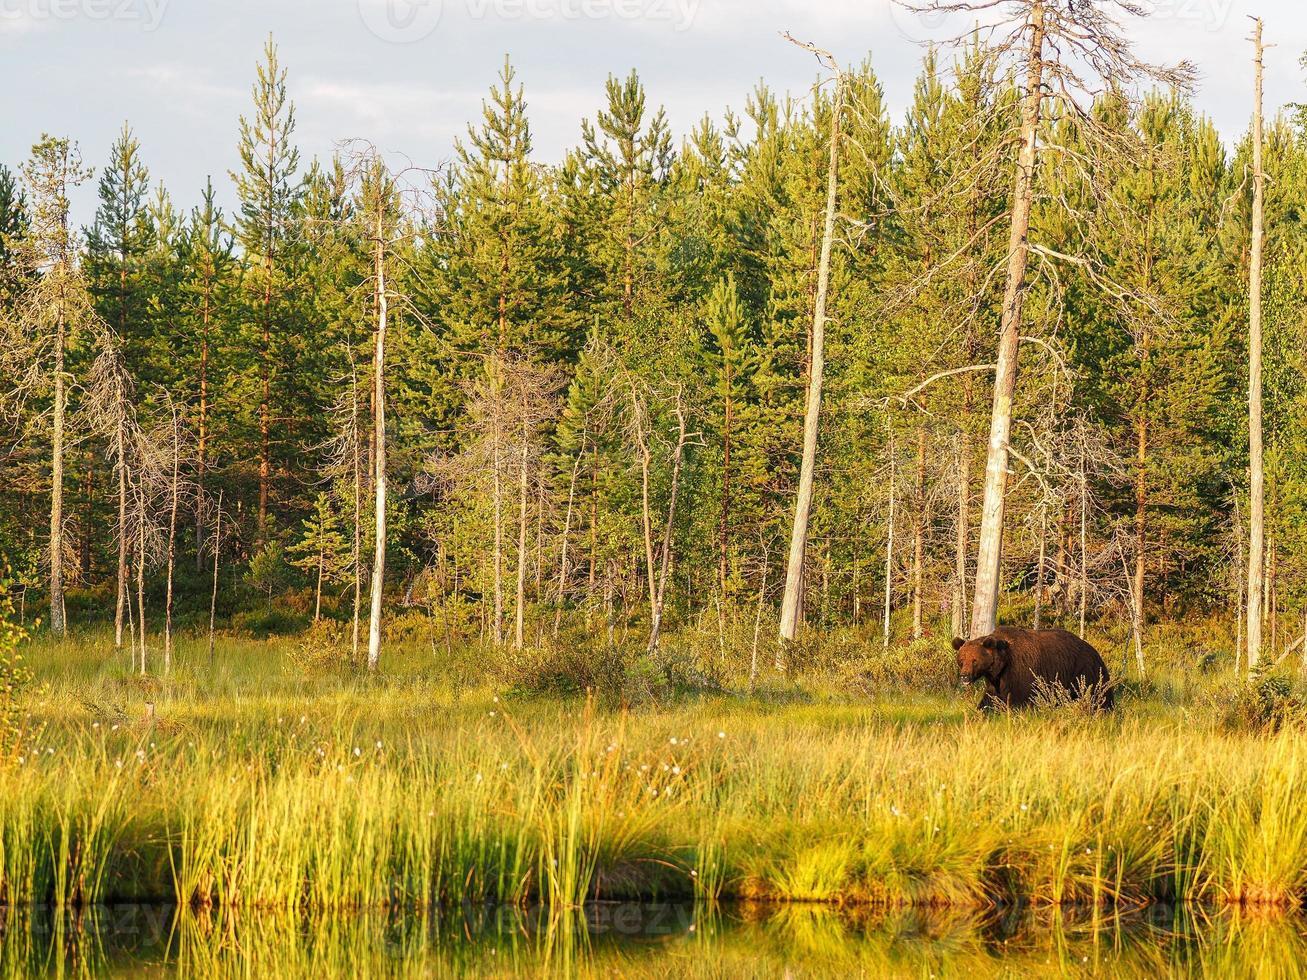 oso pardo (ursus arctos) en estado salvaje foto